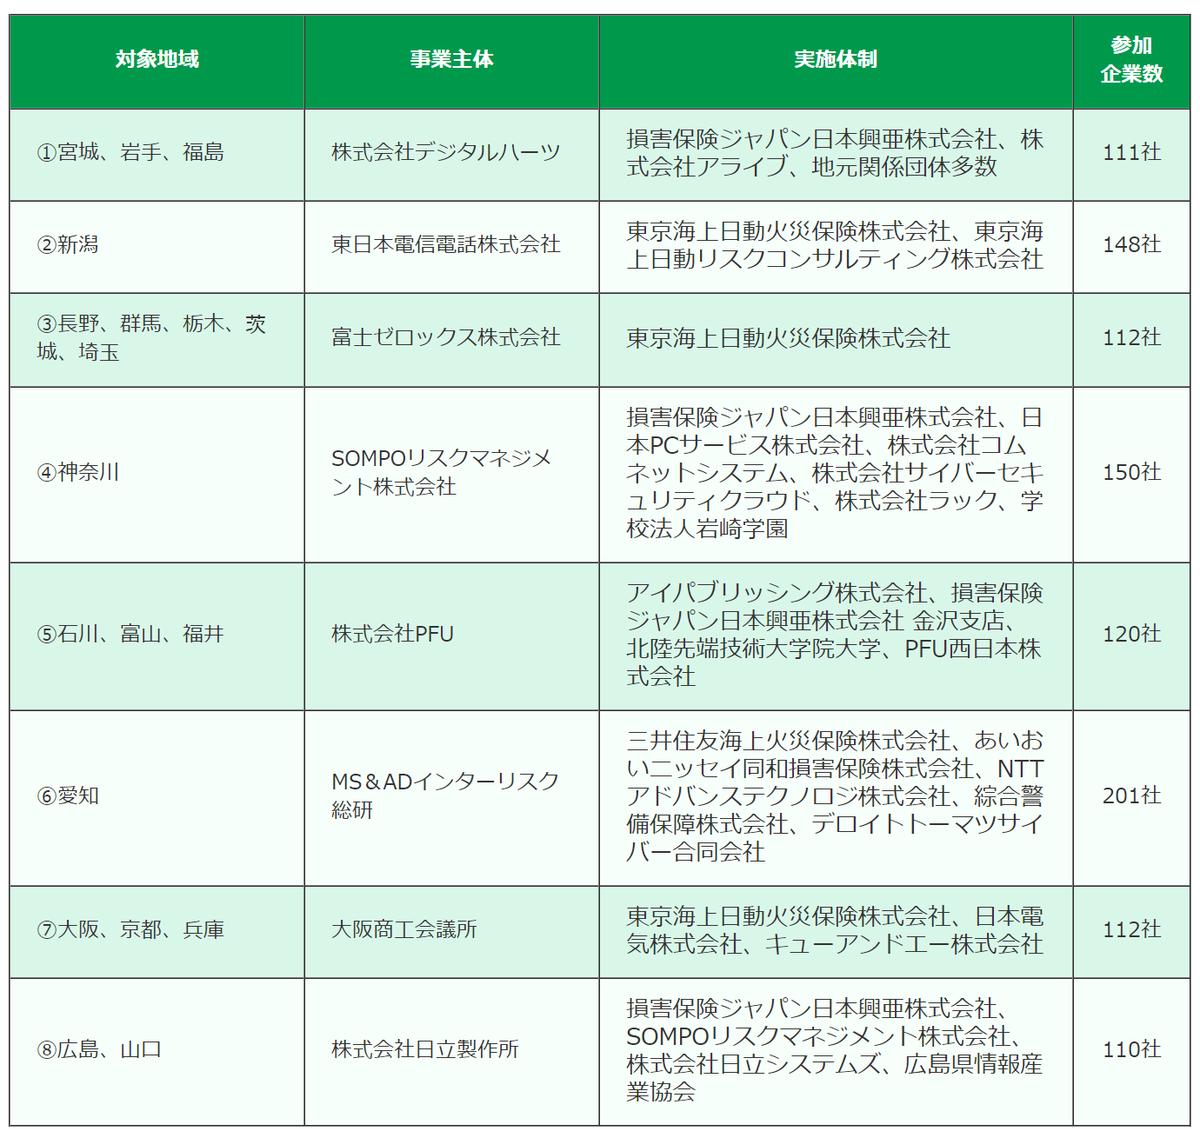 f:id:tanigawa:20200623112039p:plain